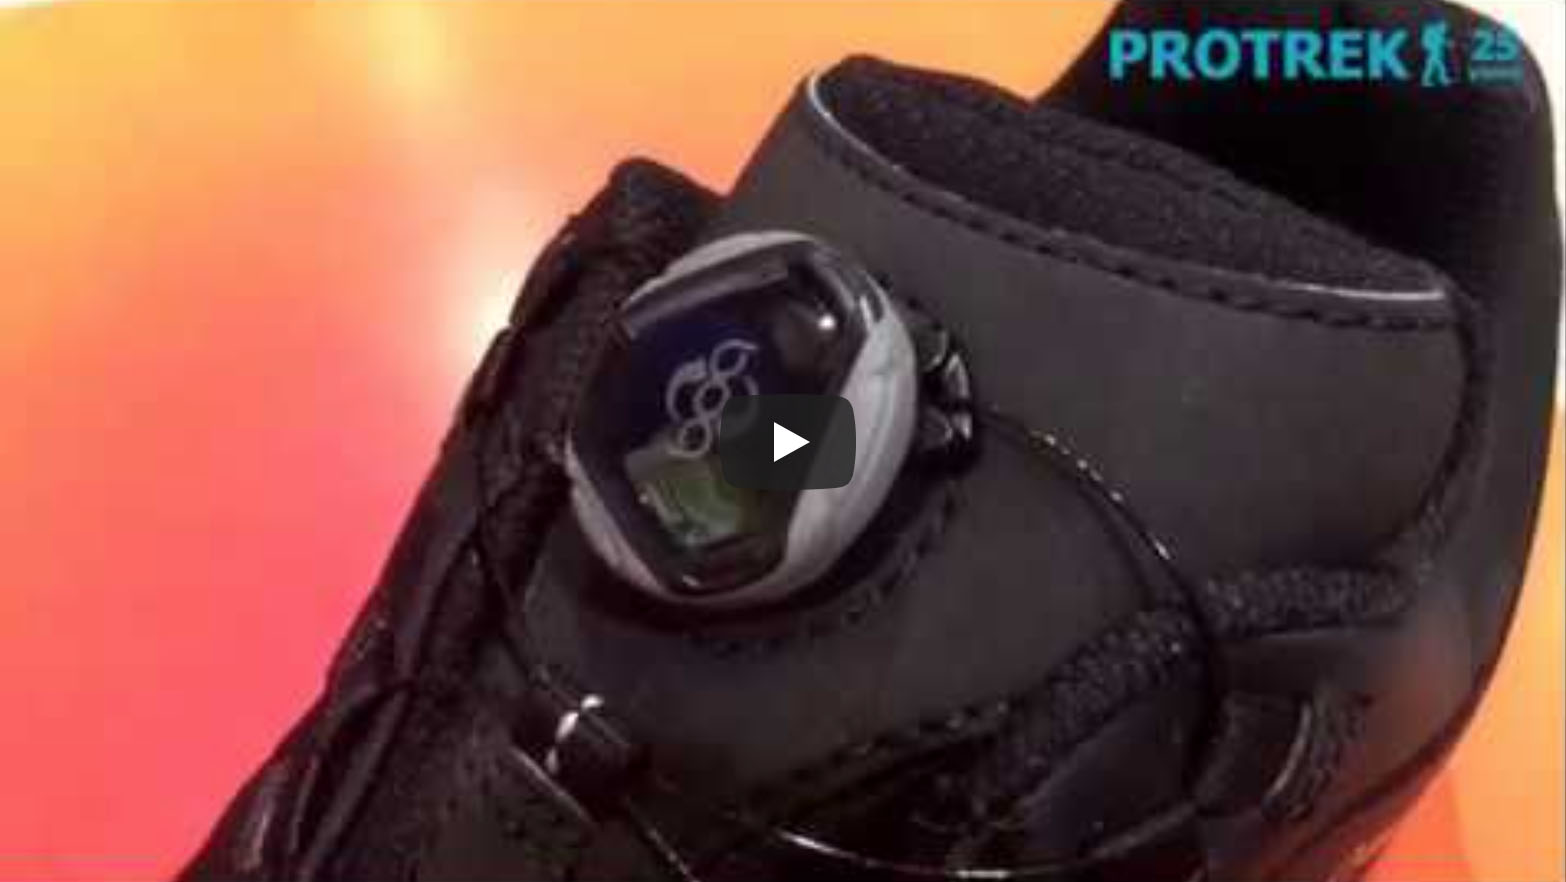 面倒臭がり屋さんのための、紐なし革靴(ノーシューレース)4選+裏技!Boa®システムを導入しよう。